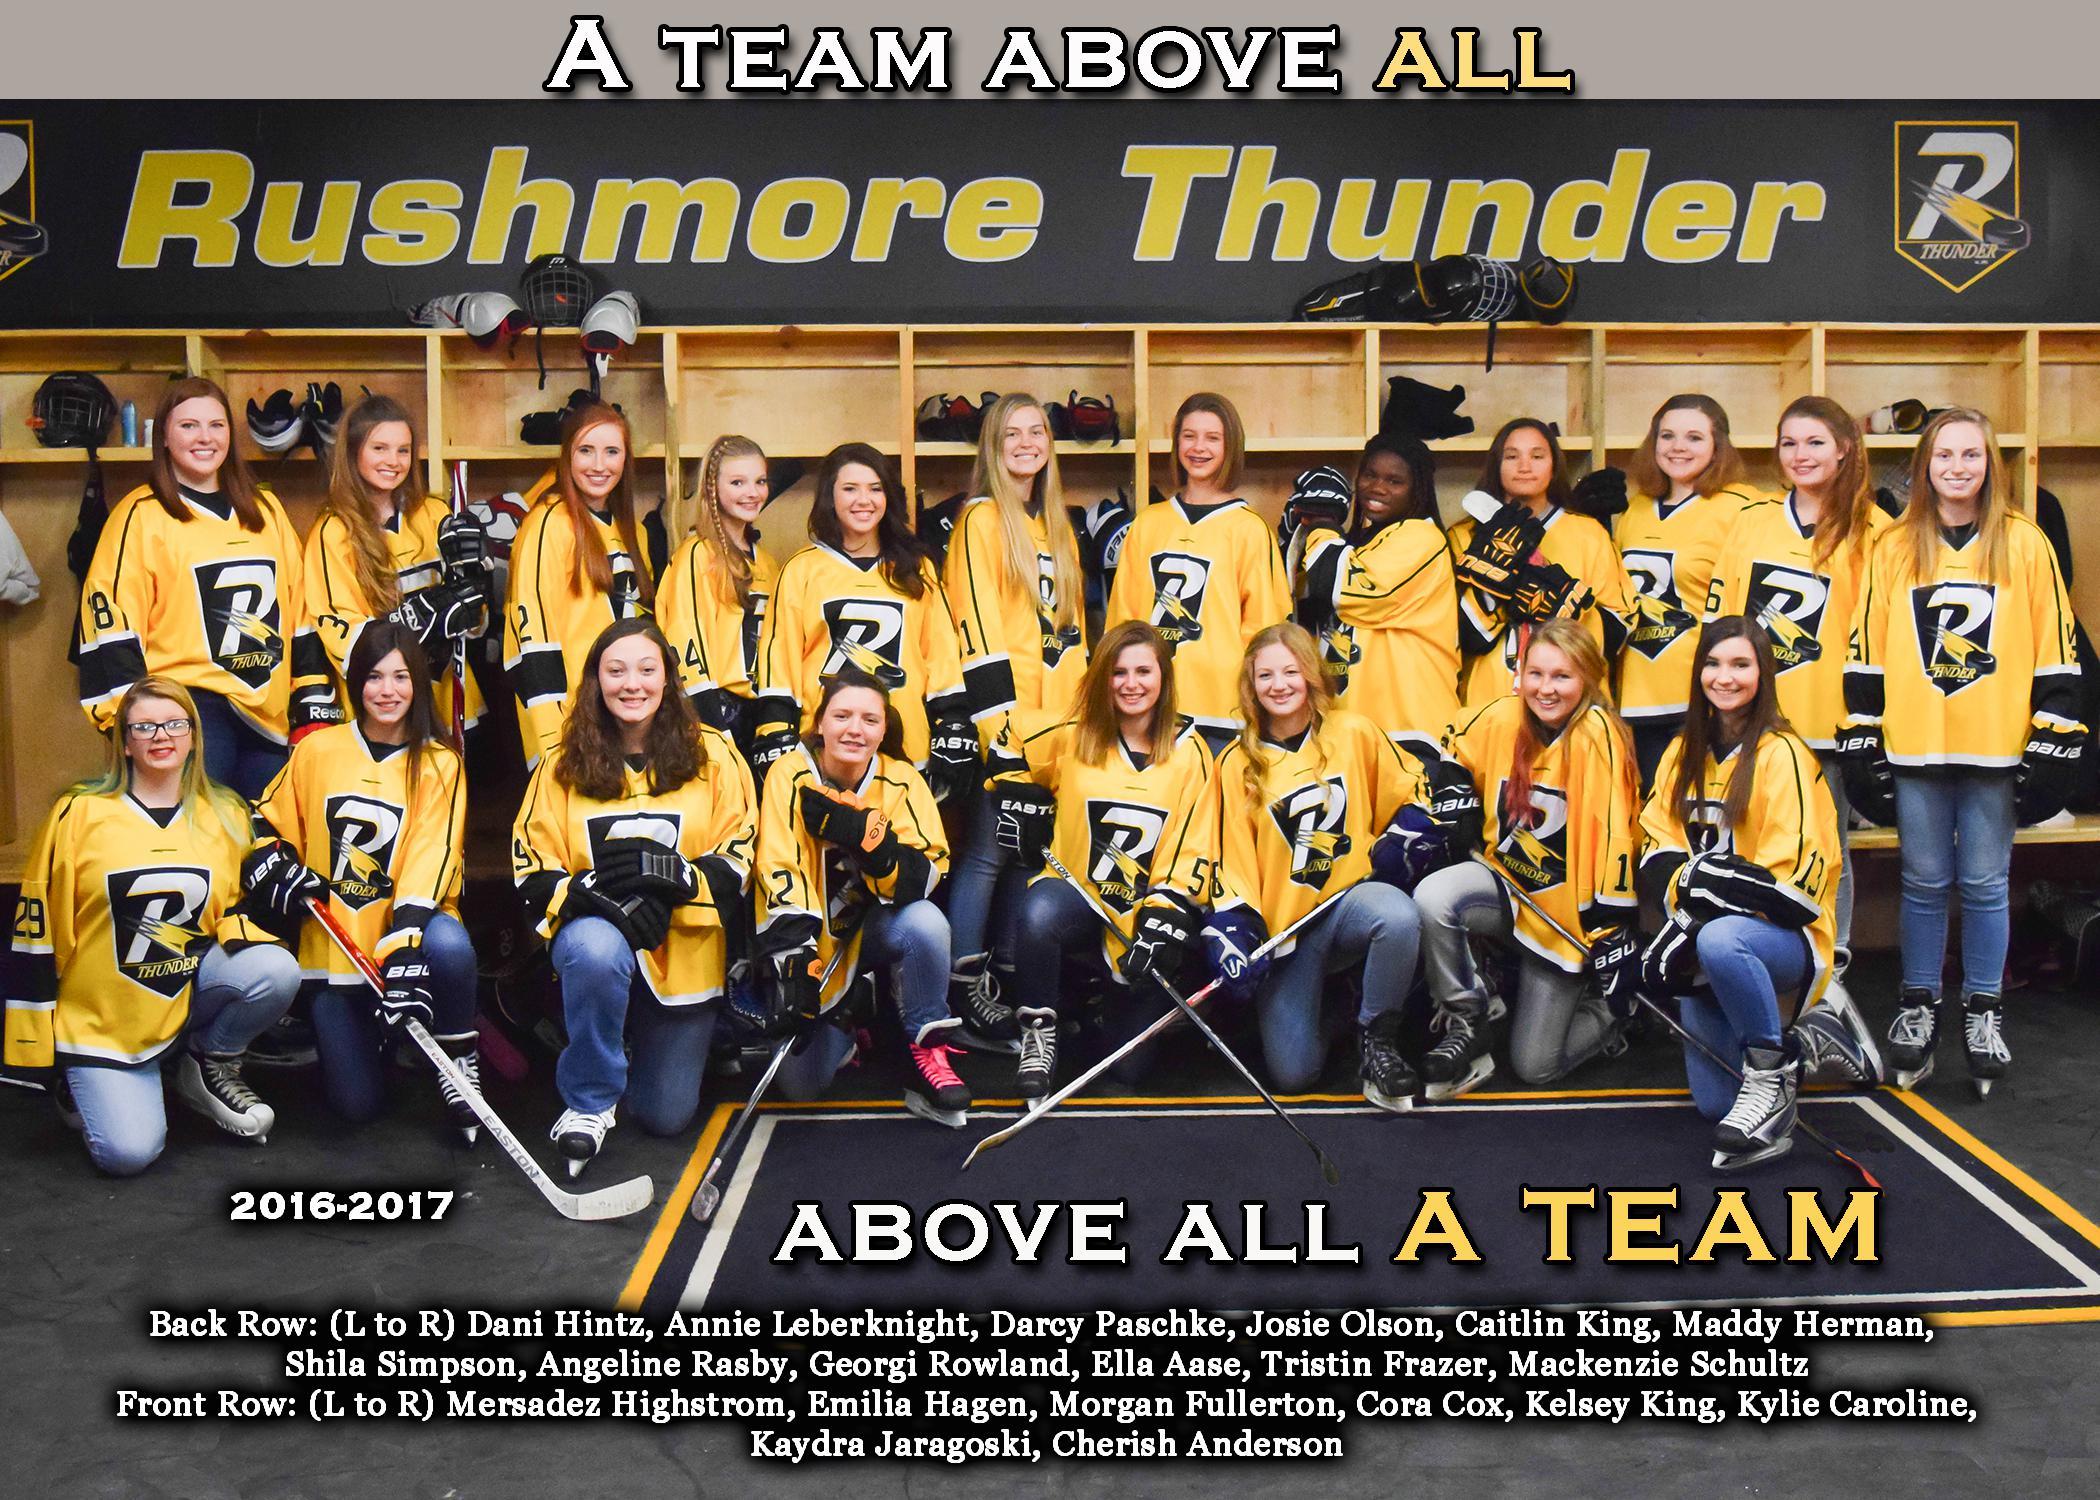 2016-17 Lady Thunder